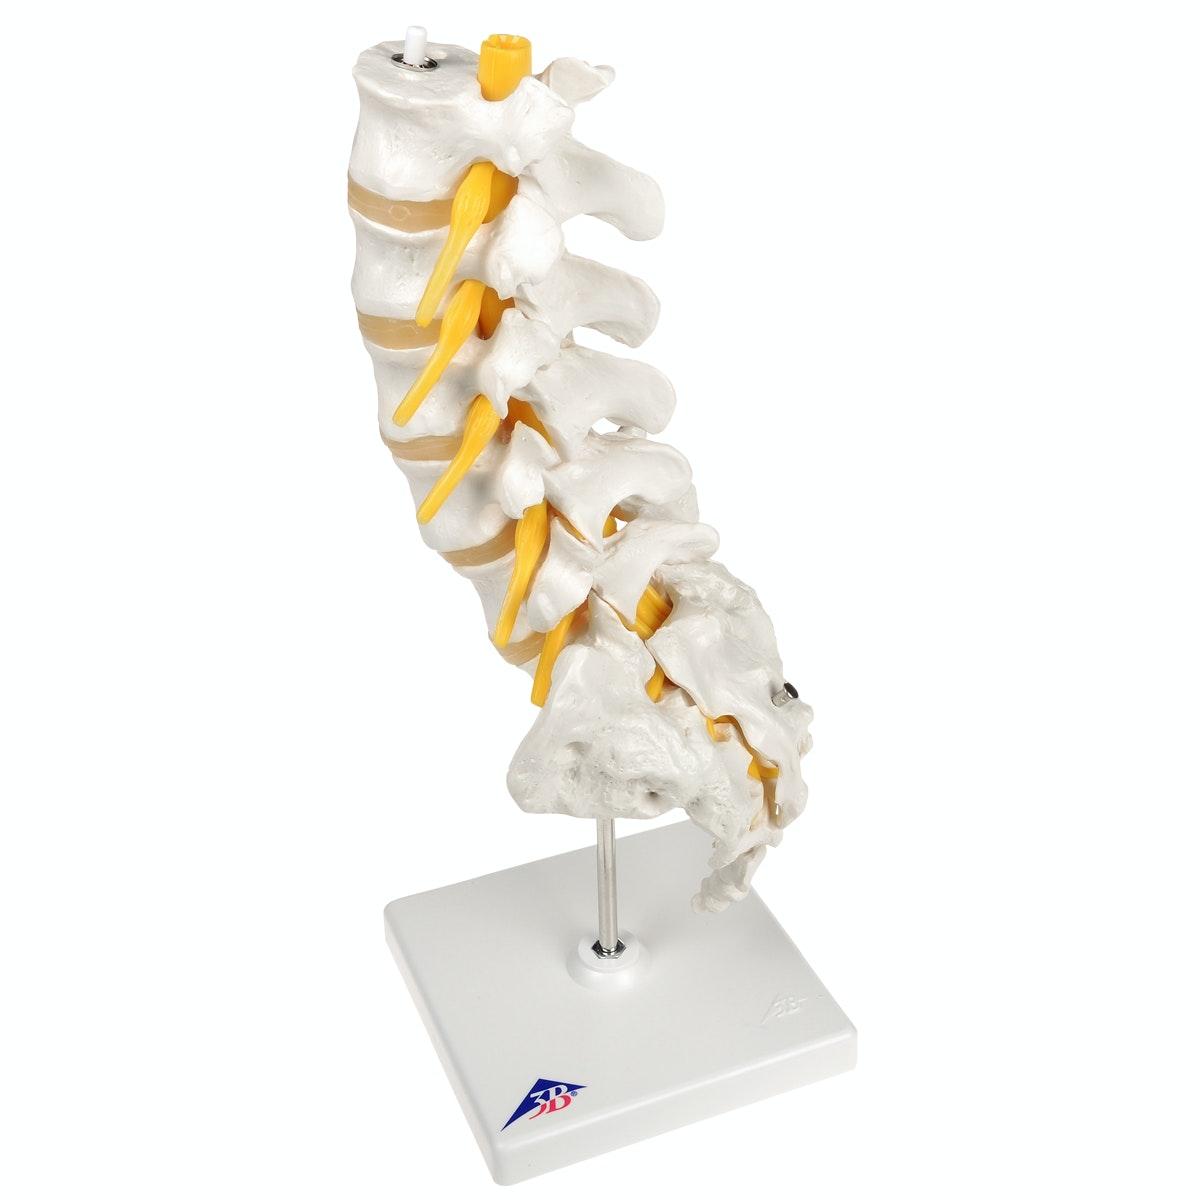 Fleksibel model af lænden, korsbenet og halebenet med nerver